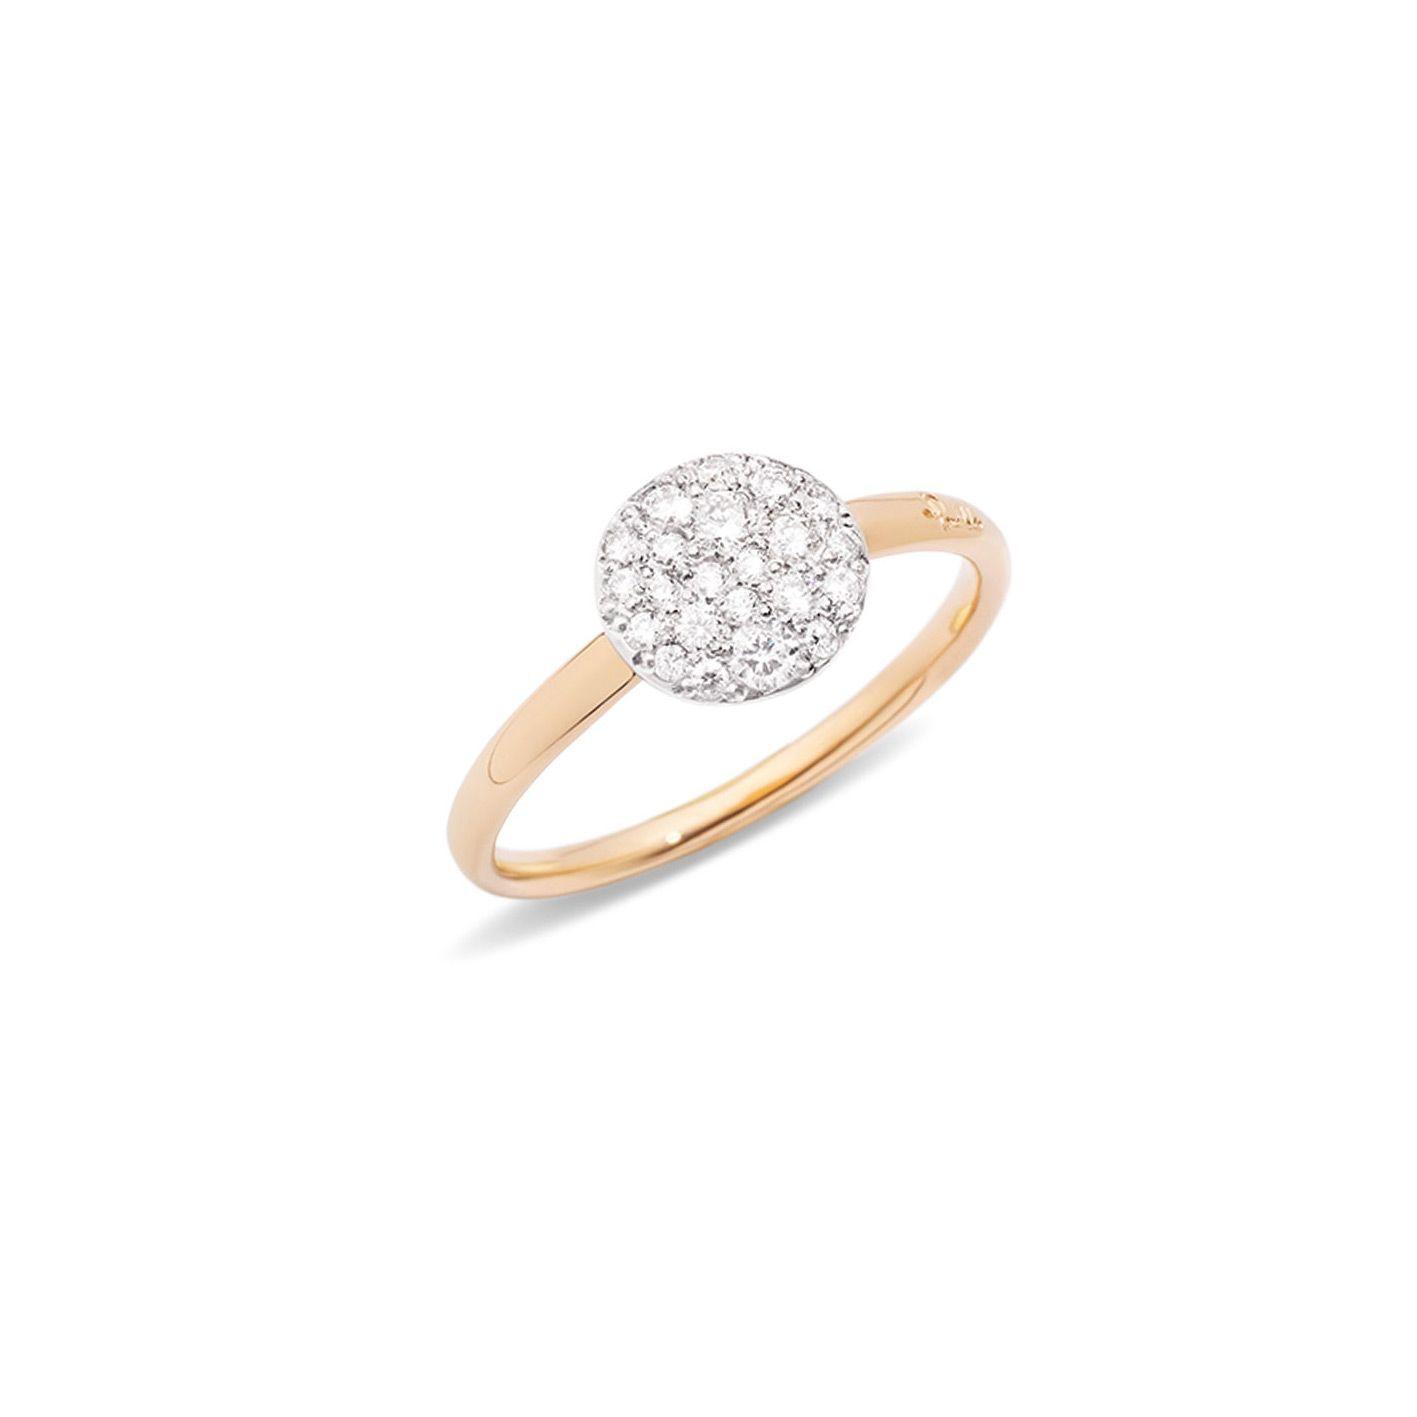 Bague Pomellato Sabbia petit modèle en Or rose et Diamant vue 1